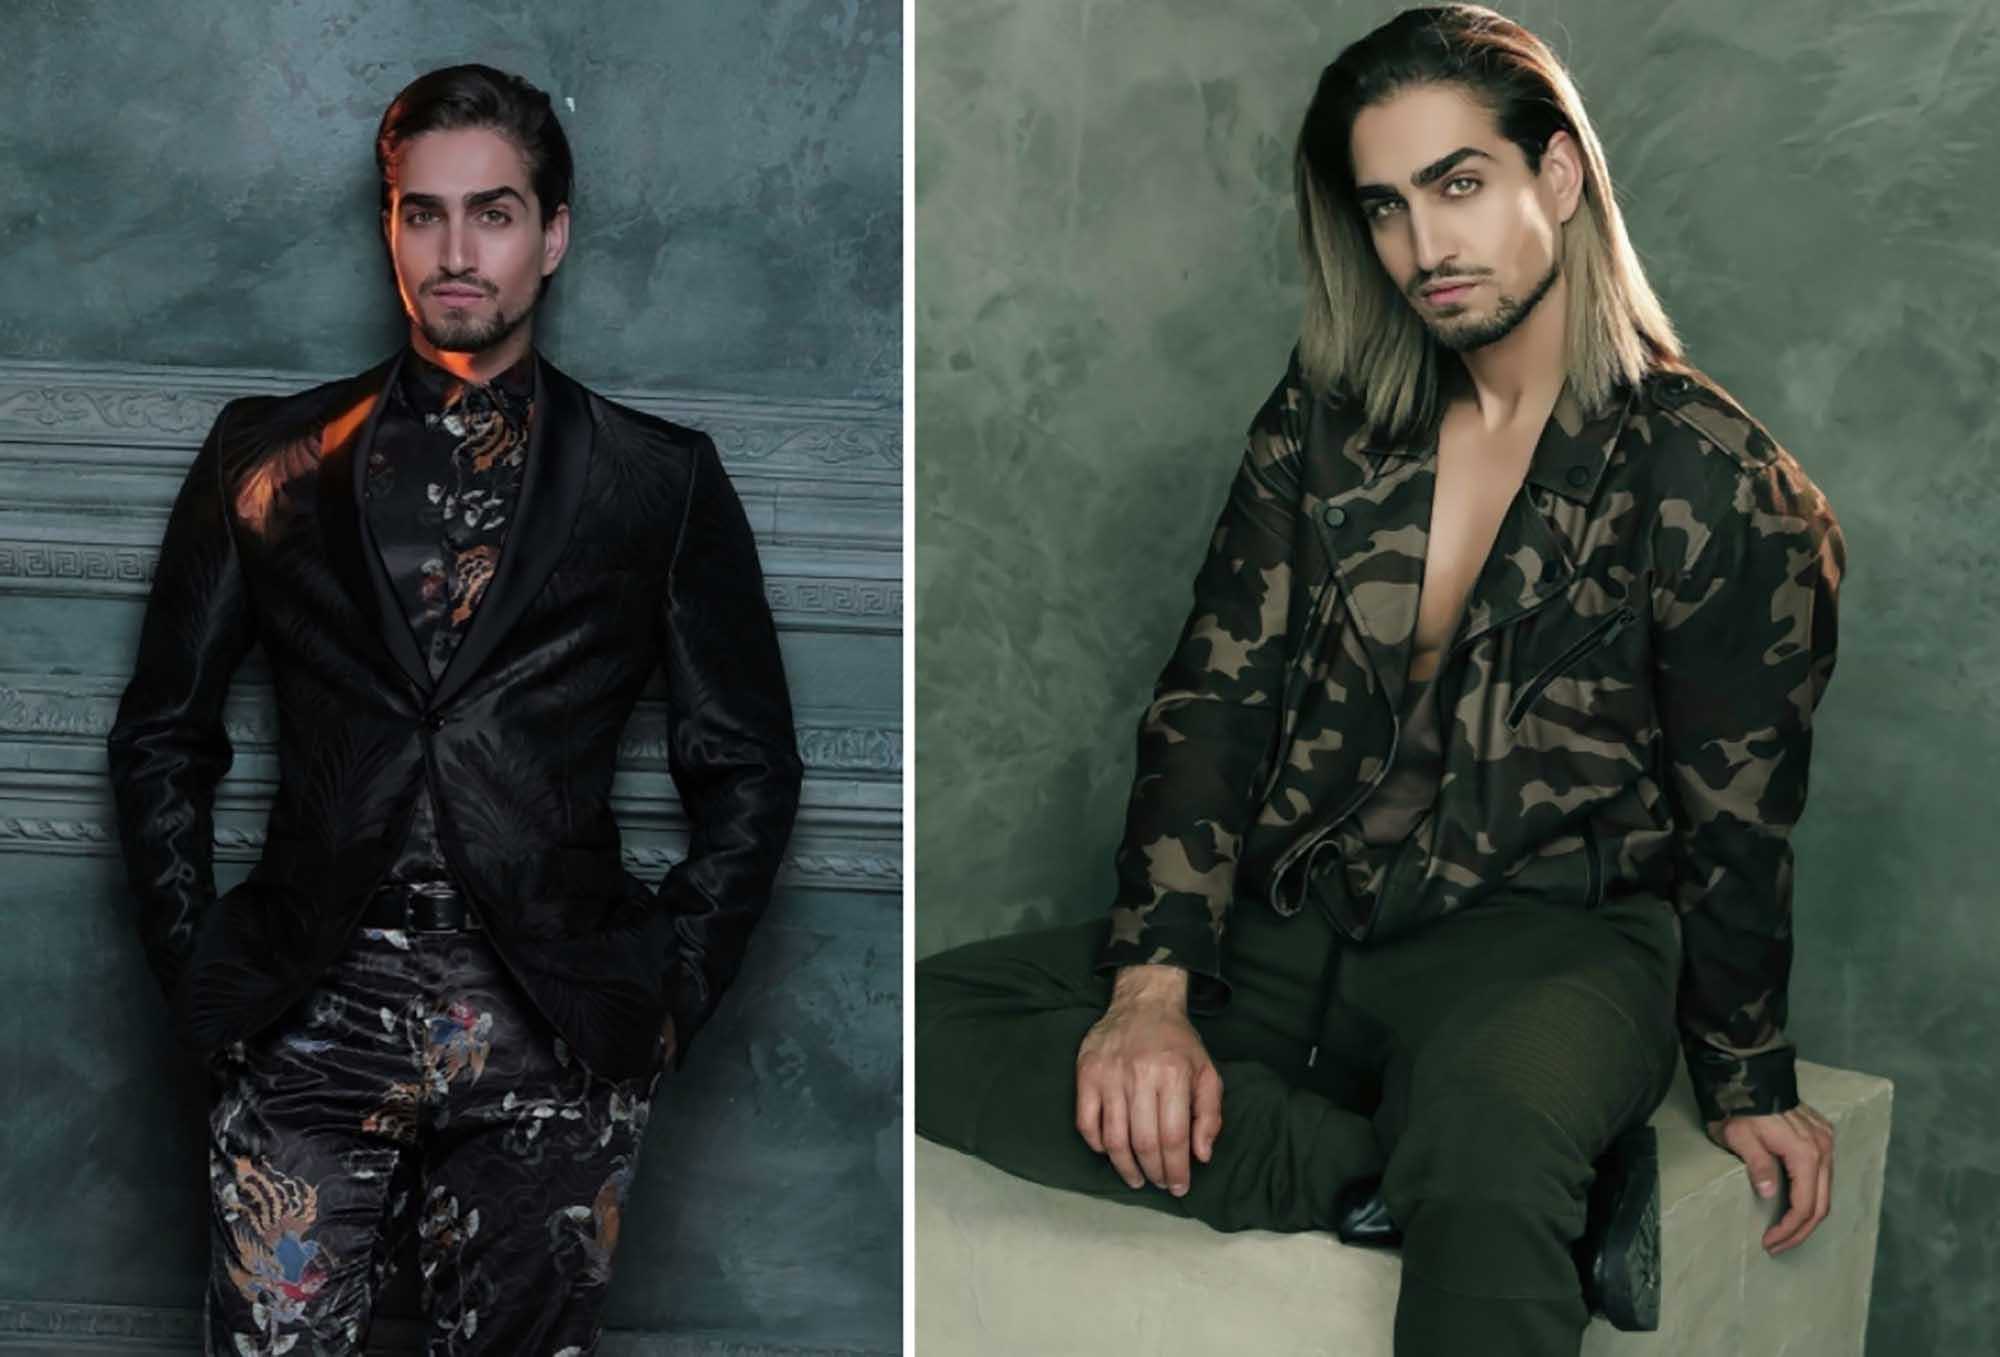 שון בלאיש. צילום: מאוריציו מונטני, מגזין אופנה - 12